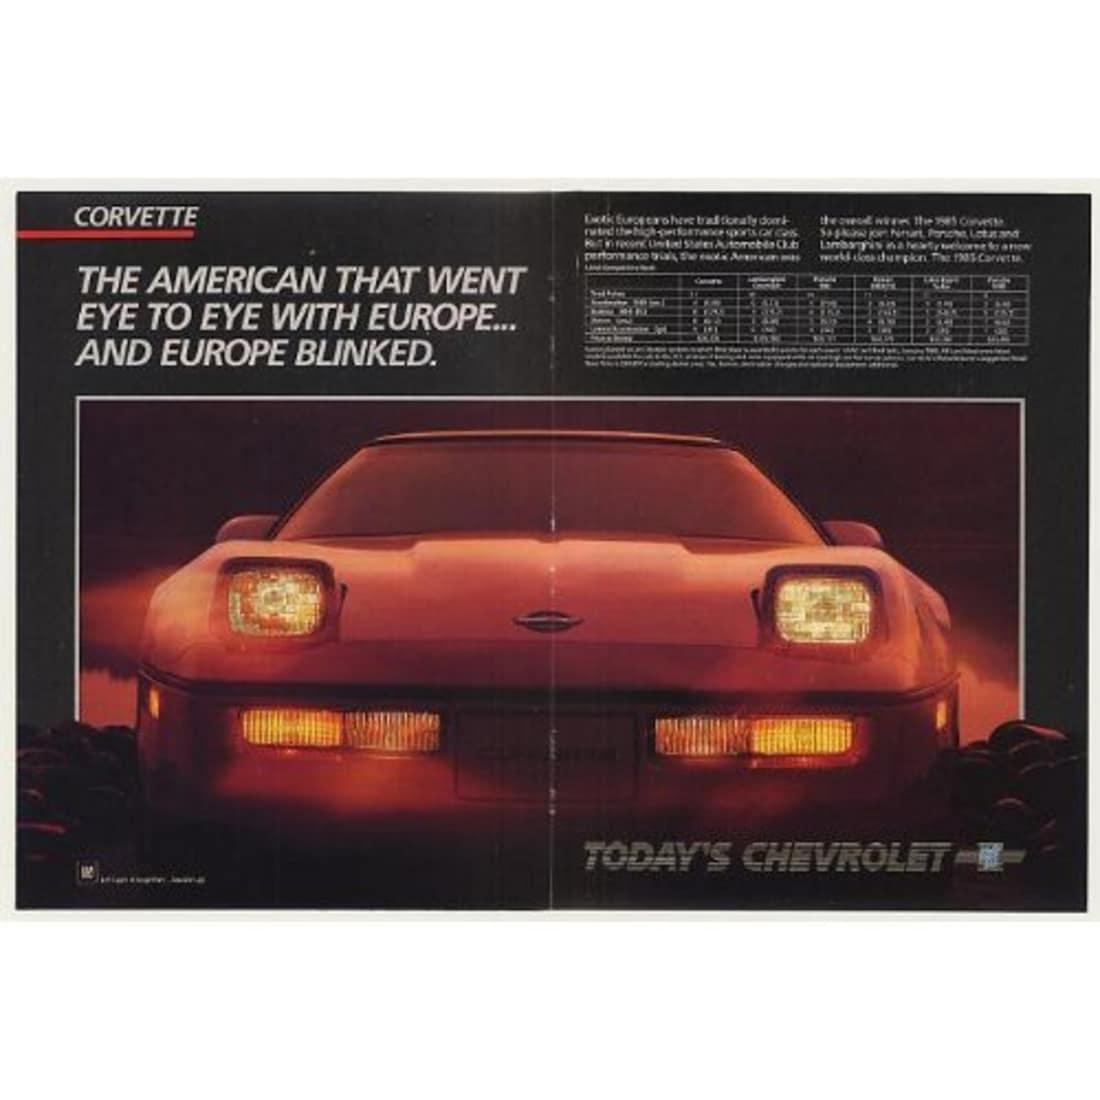 1985 Corvette Ad